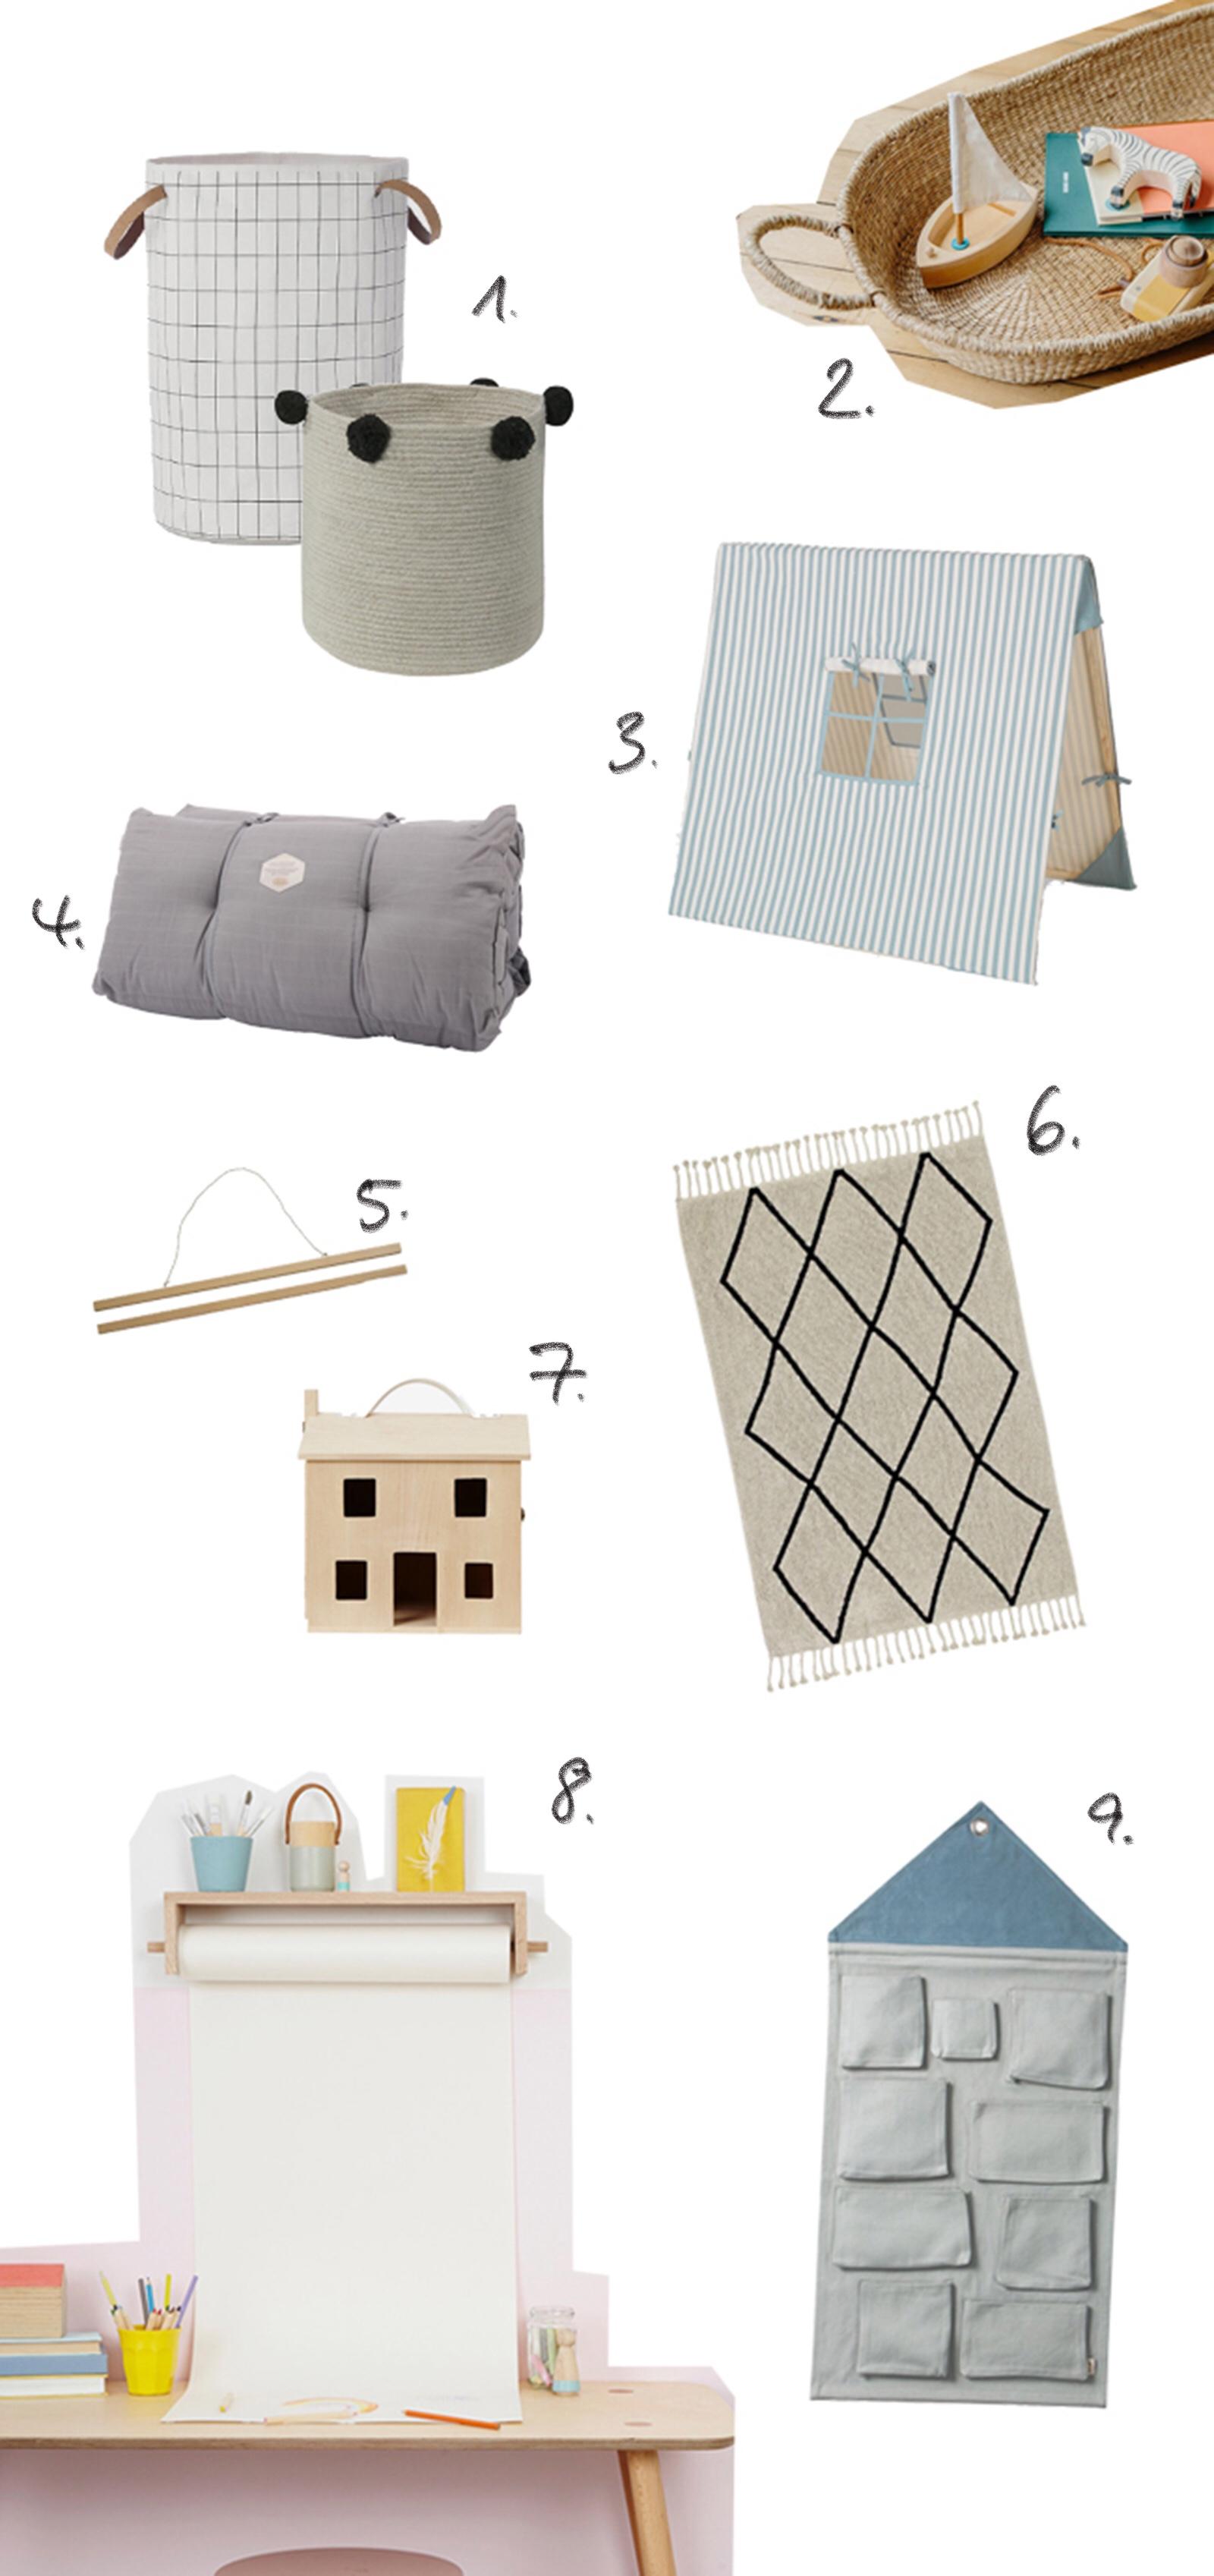 Kinderzimmer: 9 hübsche Dinge für mehr Ordnung